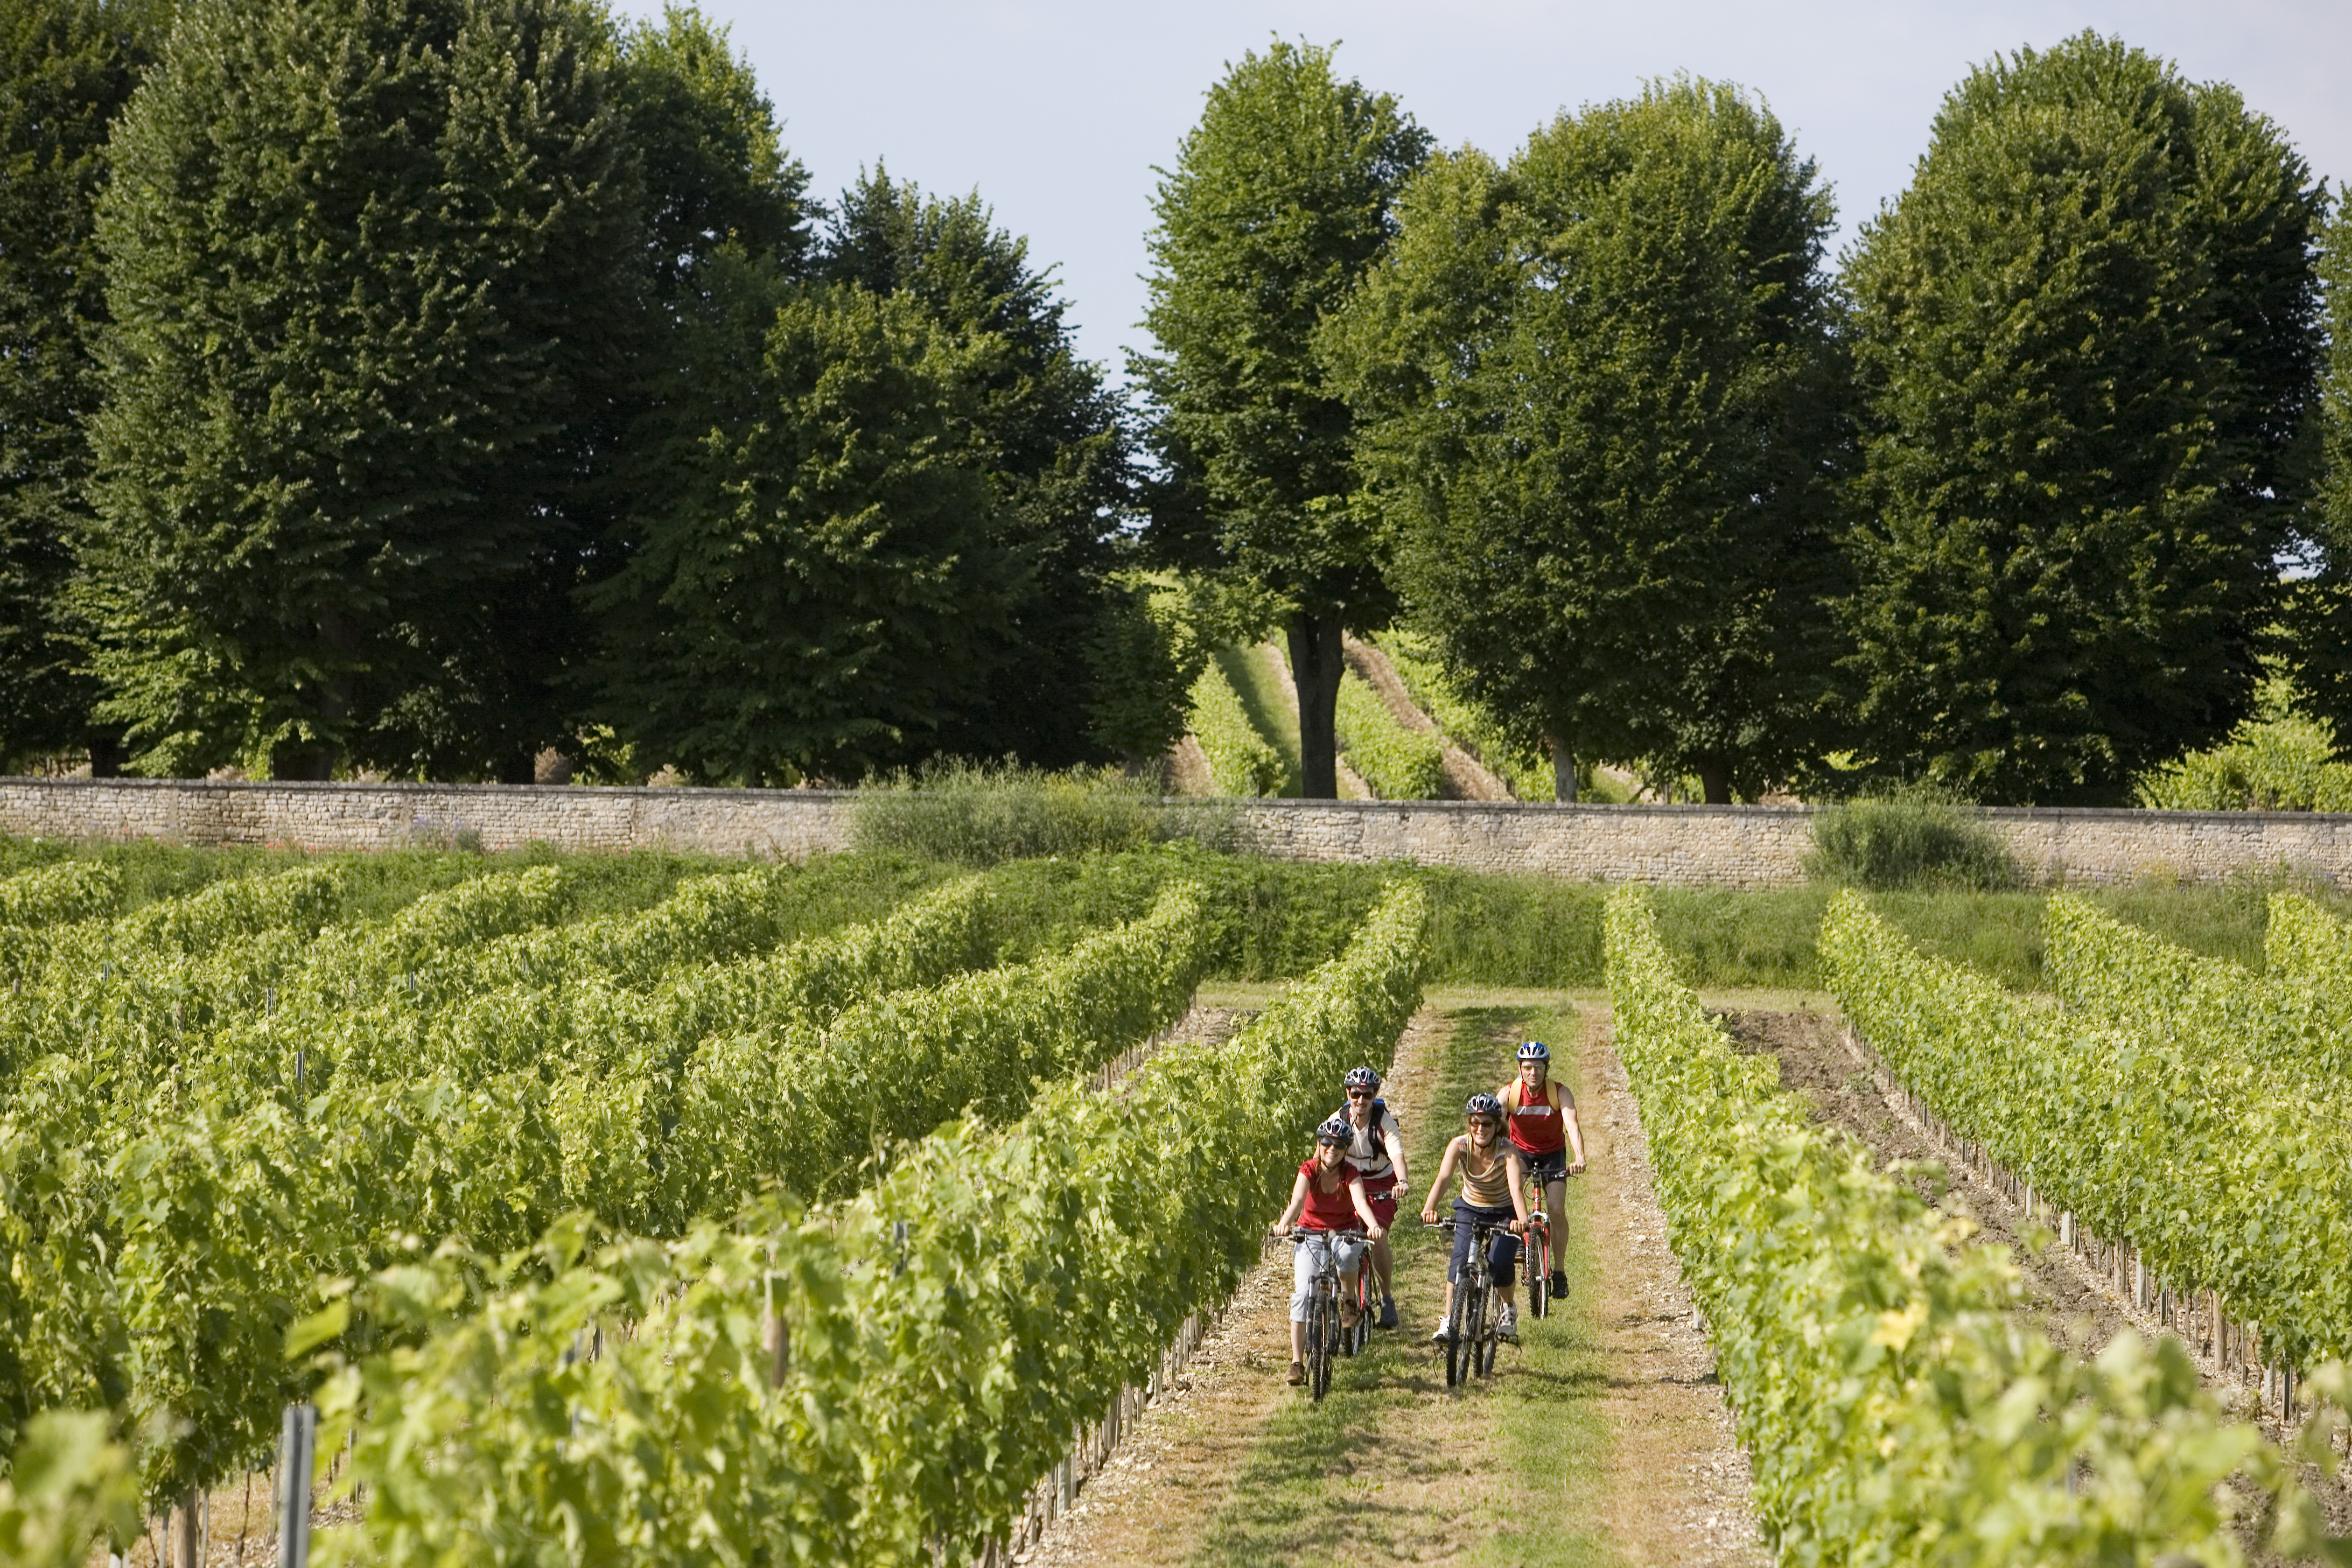 randonne vtt dans les vignes en croisiere bateaux nicols inter croisieres sireuil.jpg